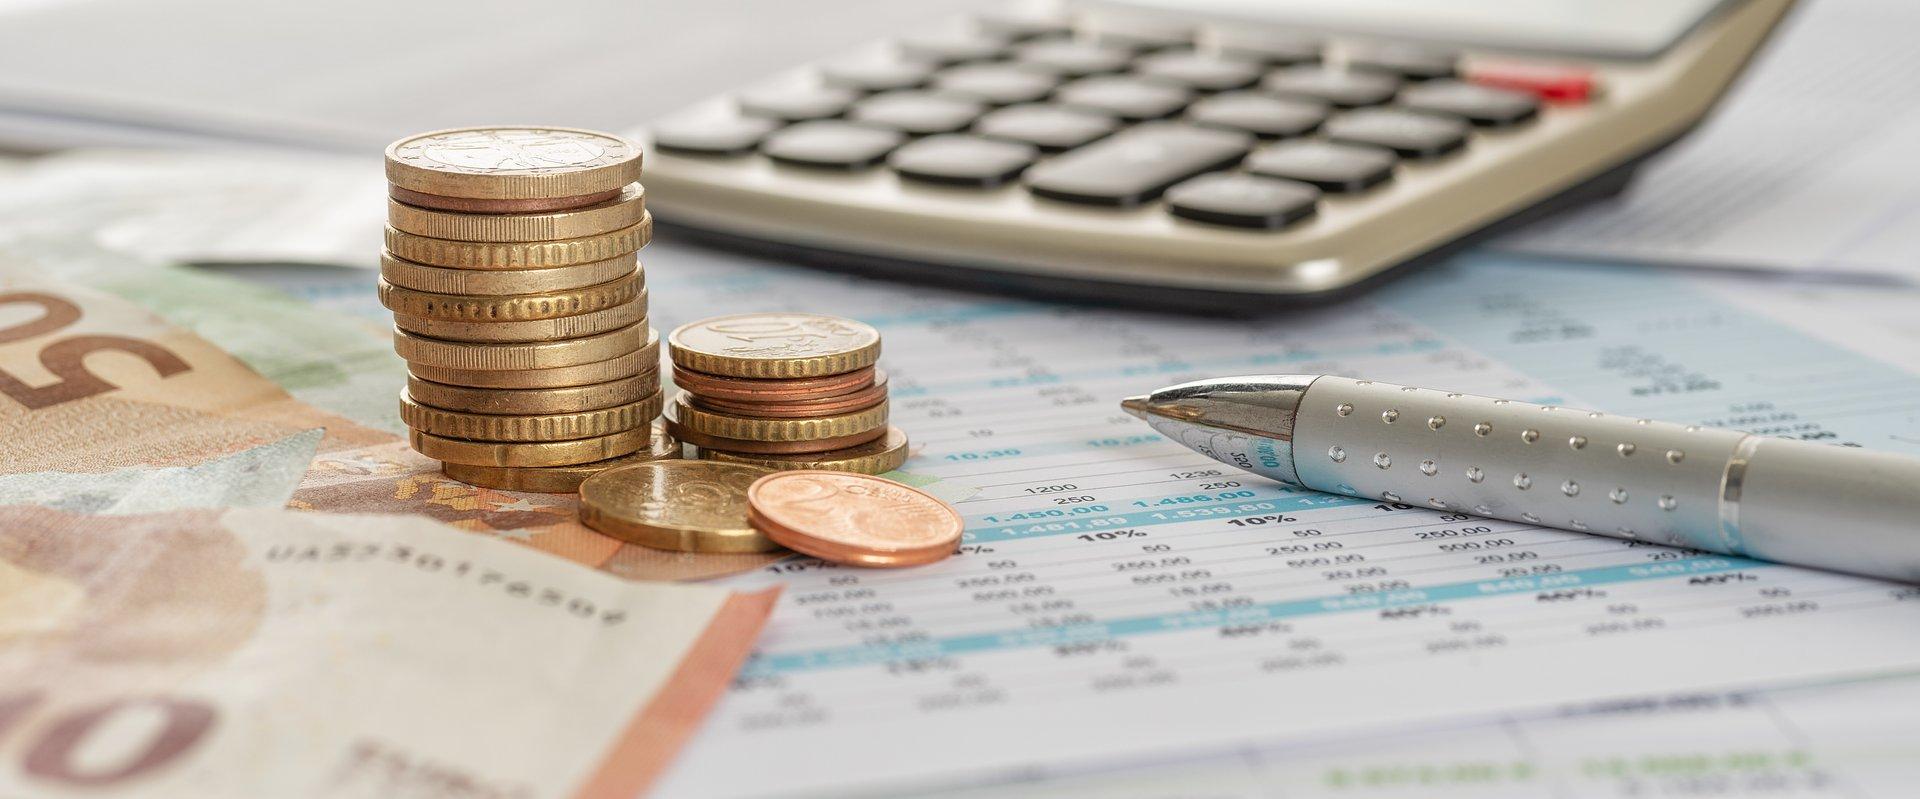 [Tarcza 2.0] Dofinansowanie do wynagrodzeń u małych przedsiębiorców: Skrócenie obowiązku utrzymania zatrudnienia